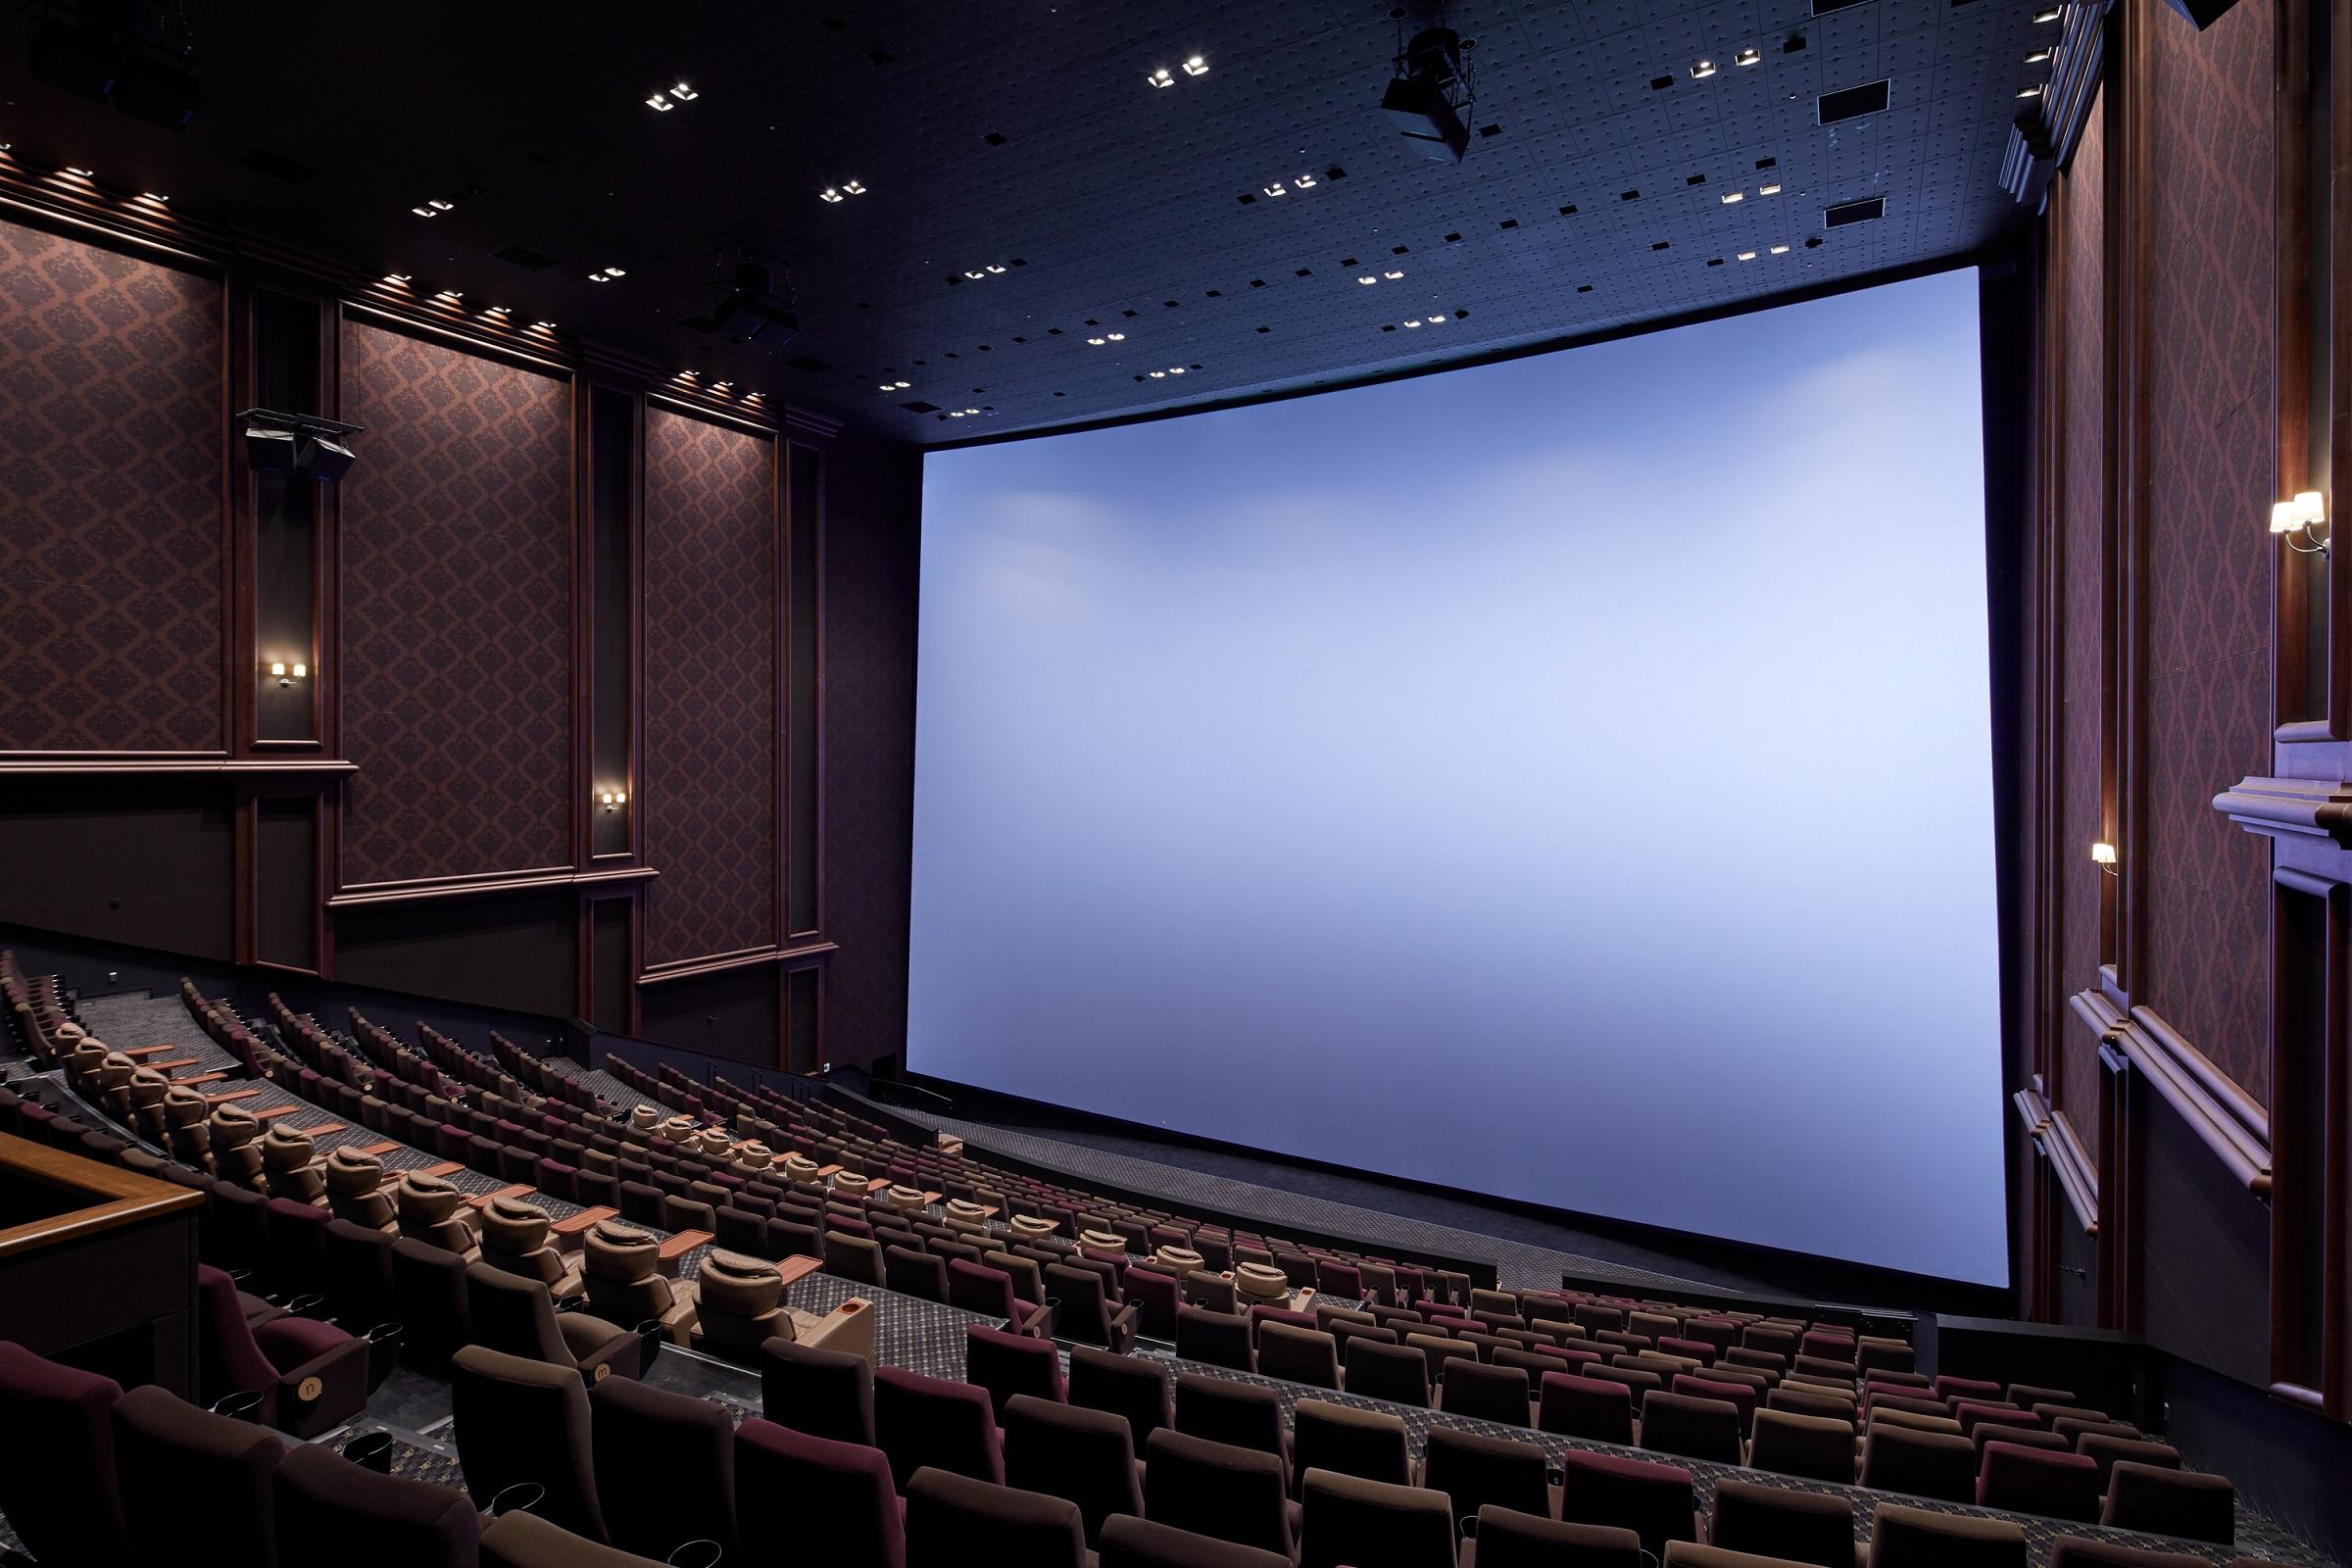 グランドシネマ サンシャインが誇る国内最大 1 のimax シアターで スター ウォーズ スカイウォーカーの夜明け の親子上映会を開催 佐々木興業株式会社のプレスリリース